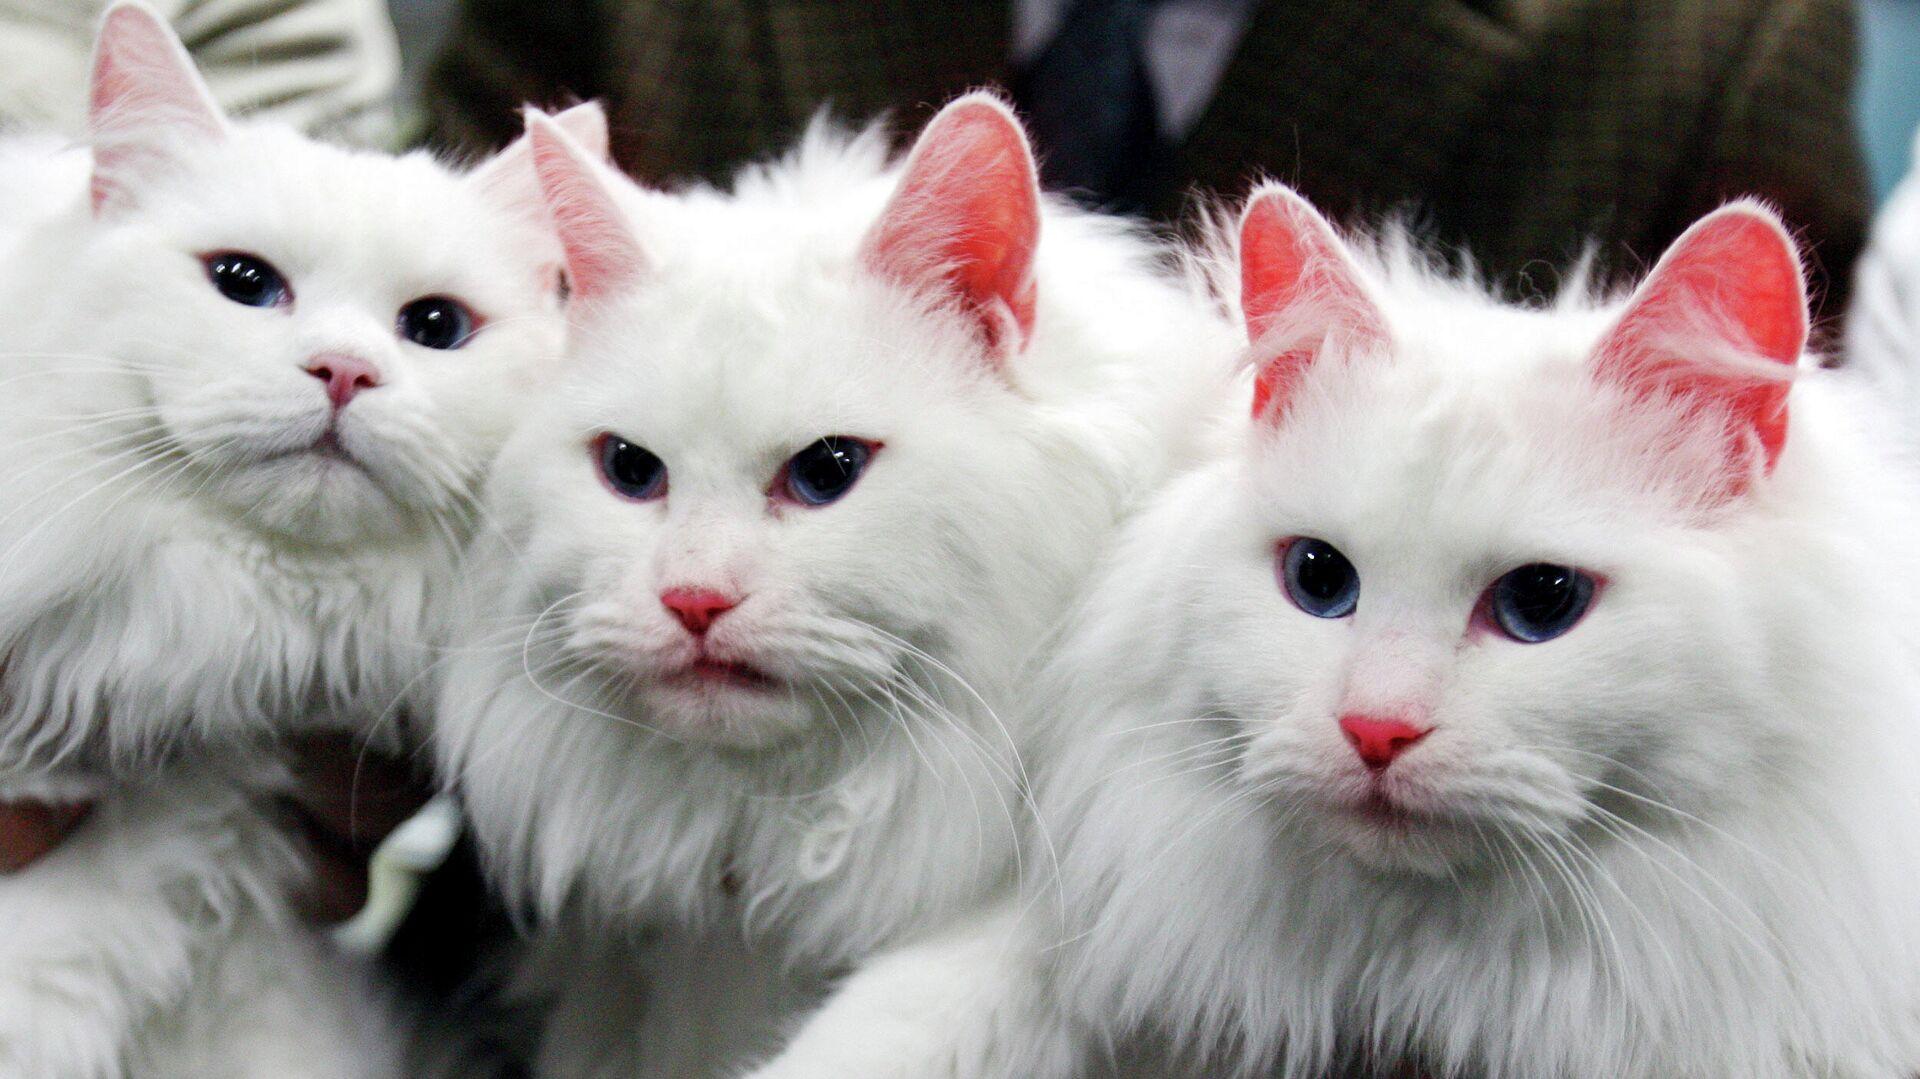 Две клонированные кошки ( в центре и справа) в Национальном университете Кёнсон, Южная Корея - РИА Новости, 1920, 21.03.2021